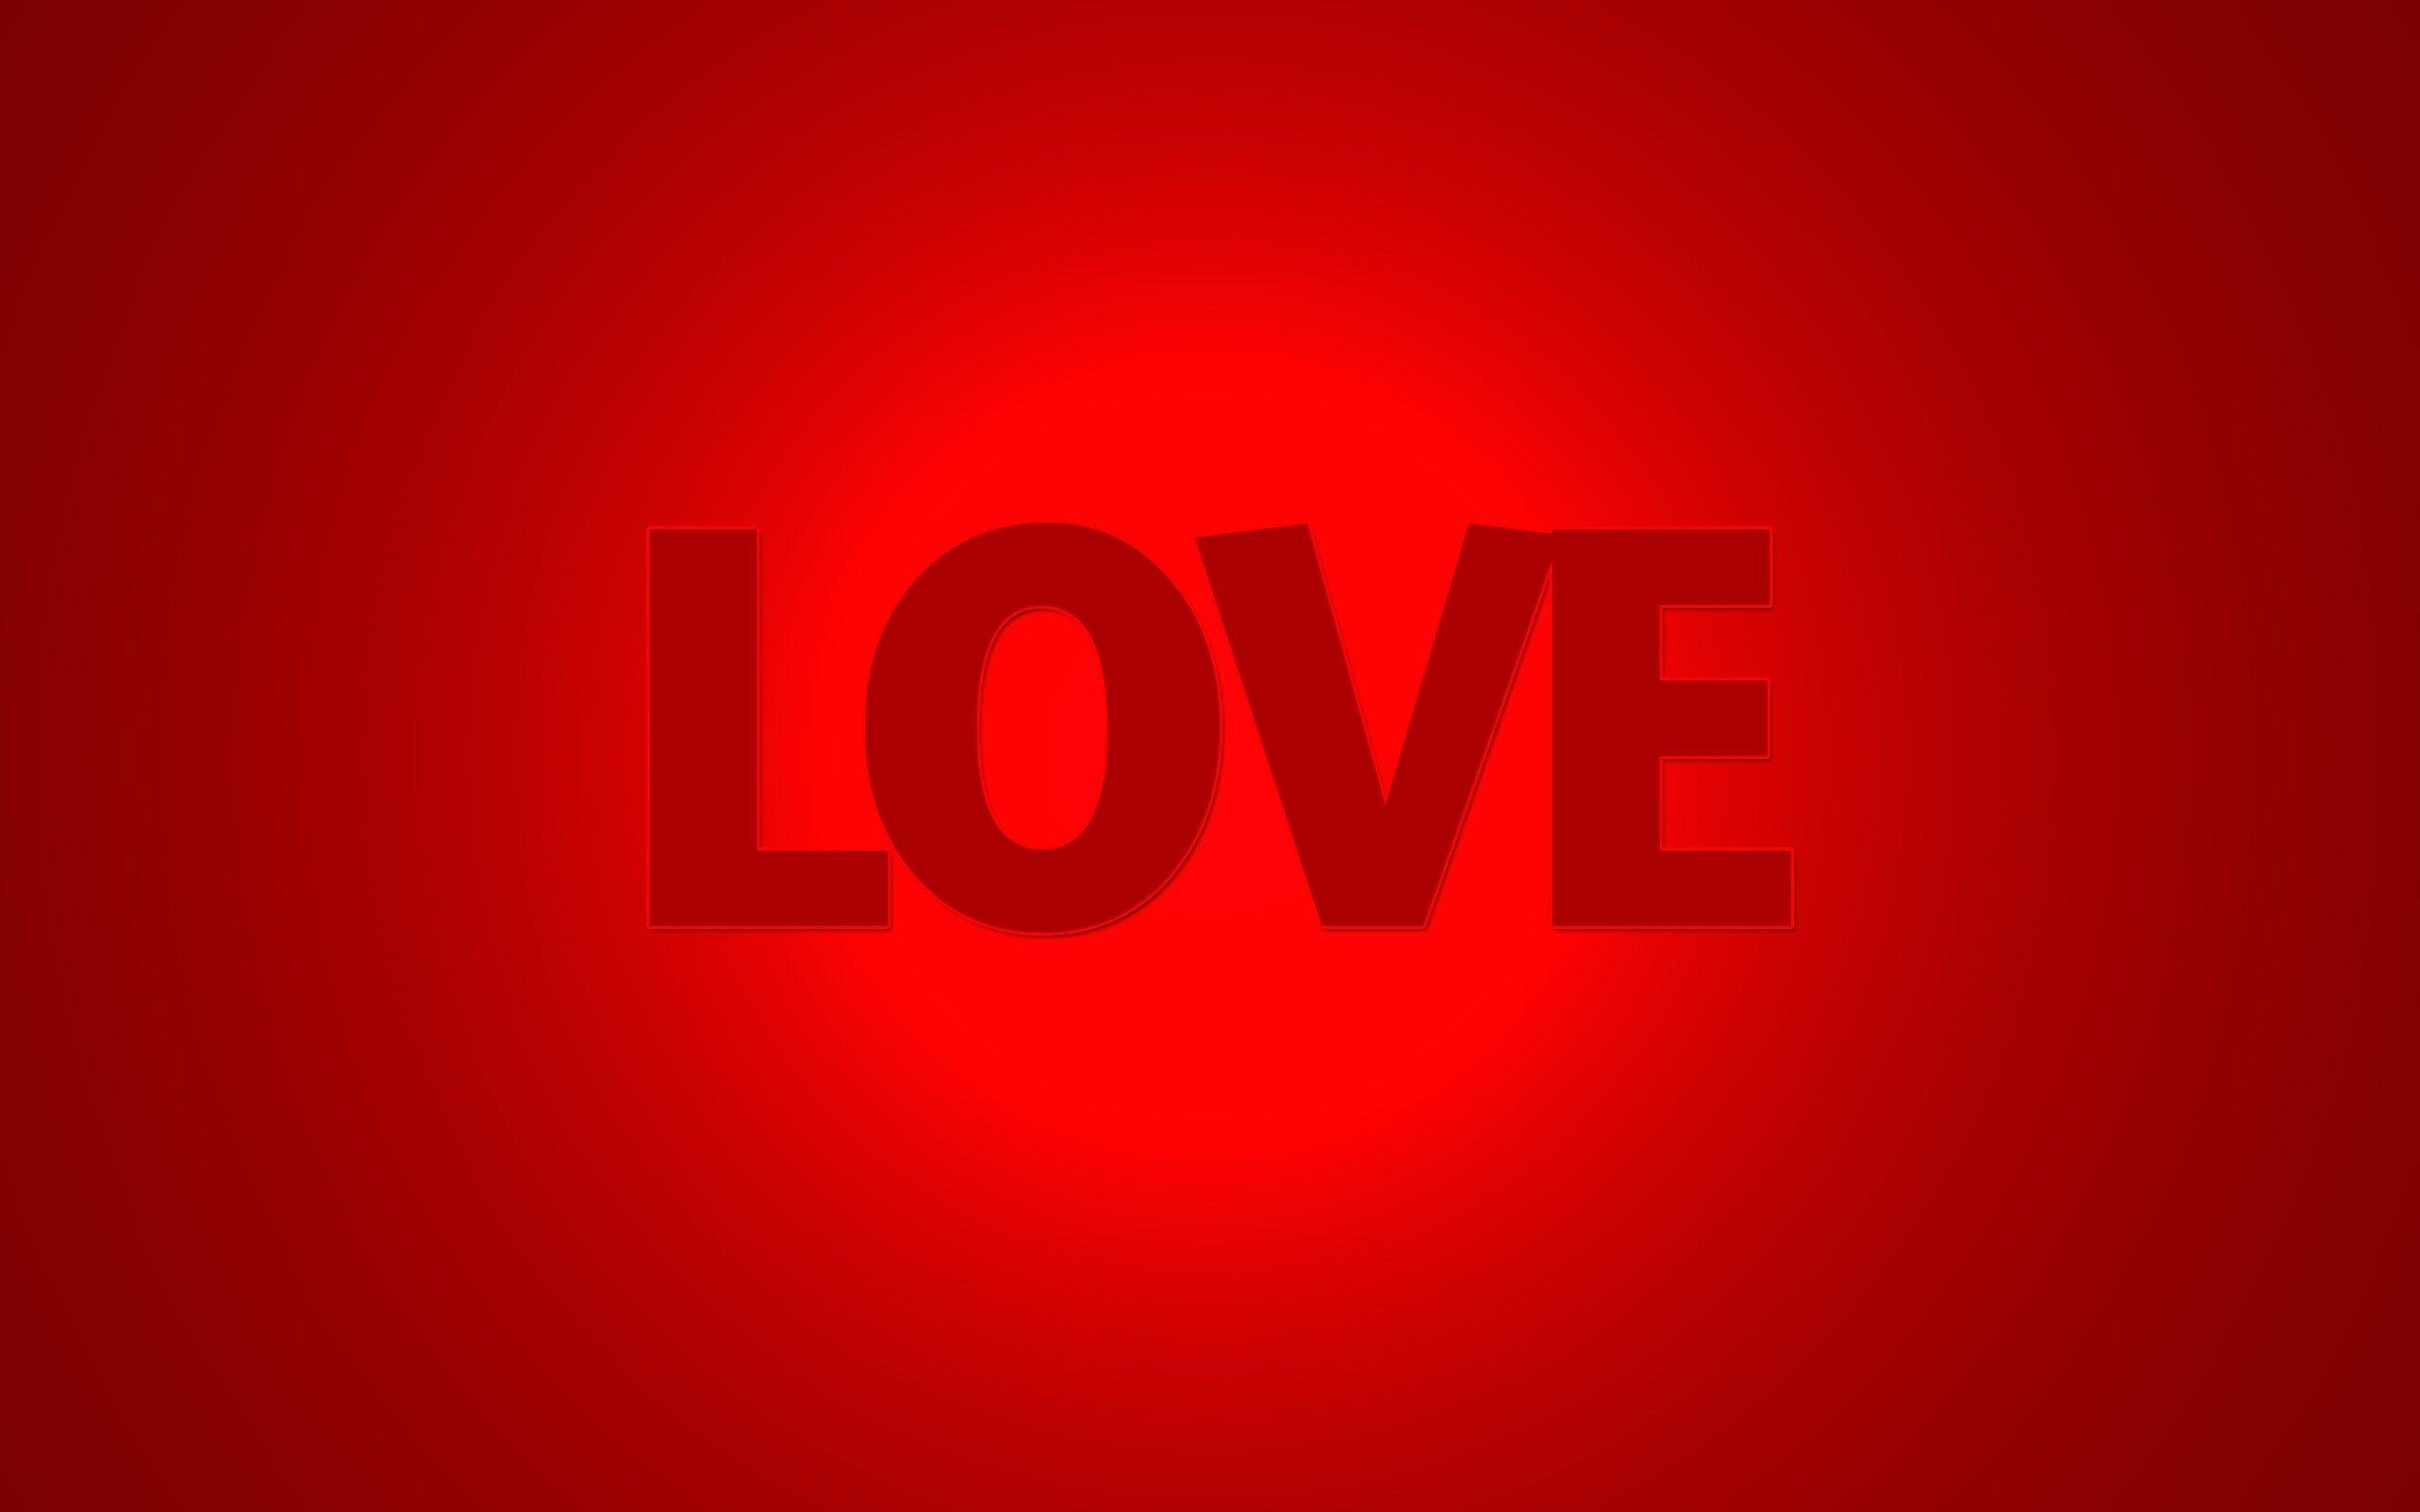 Fondo de pantalla de Amor rojo Imágenes